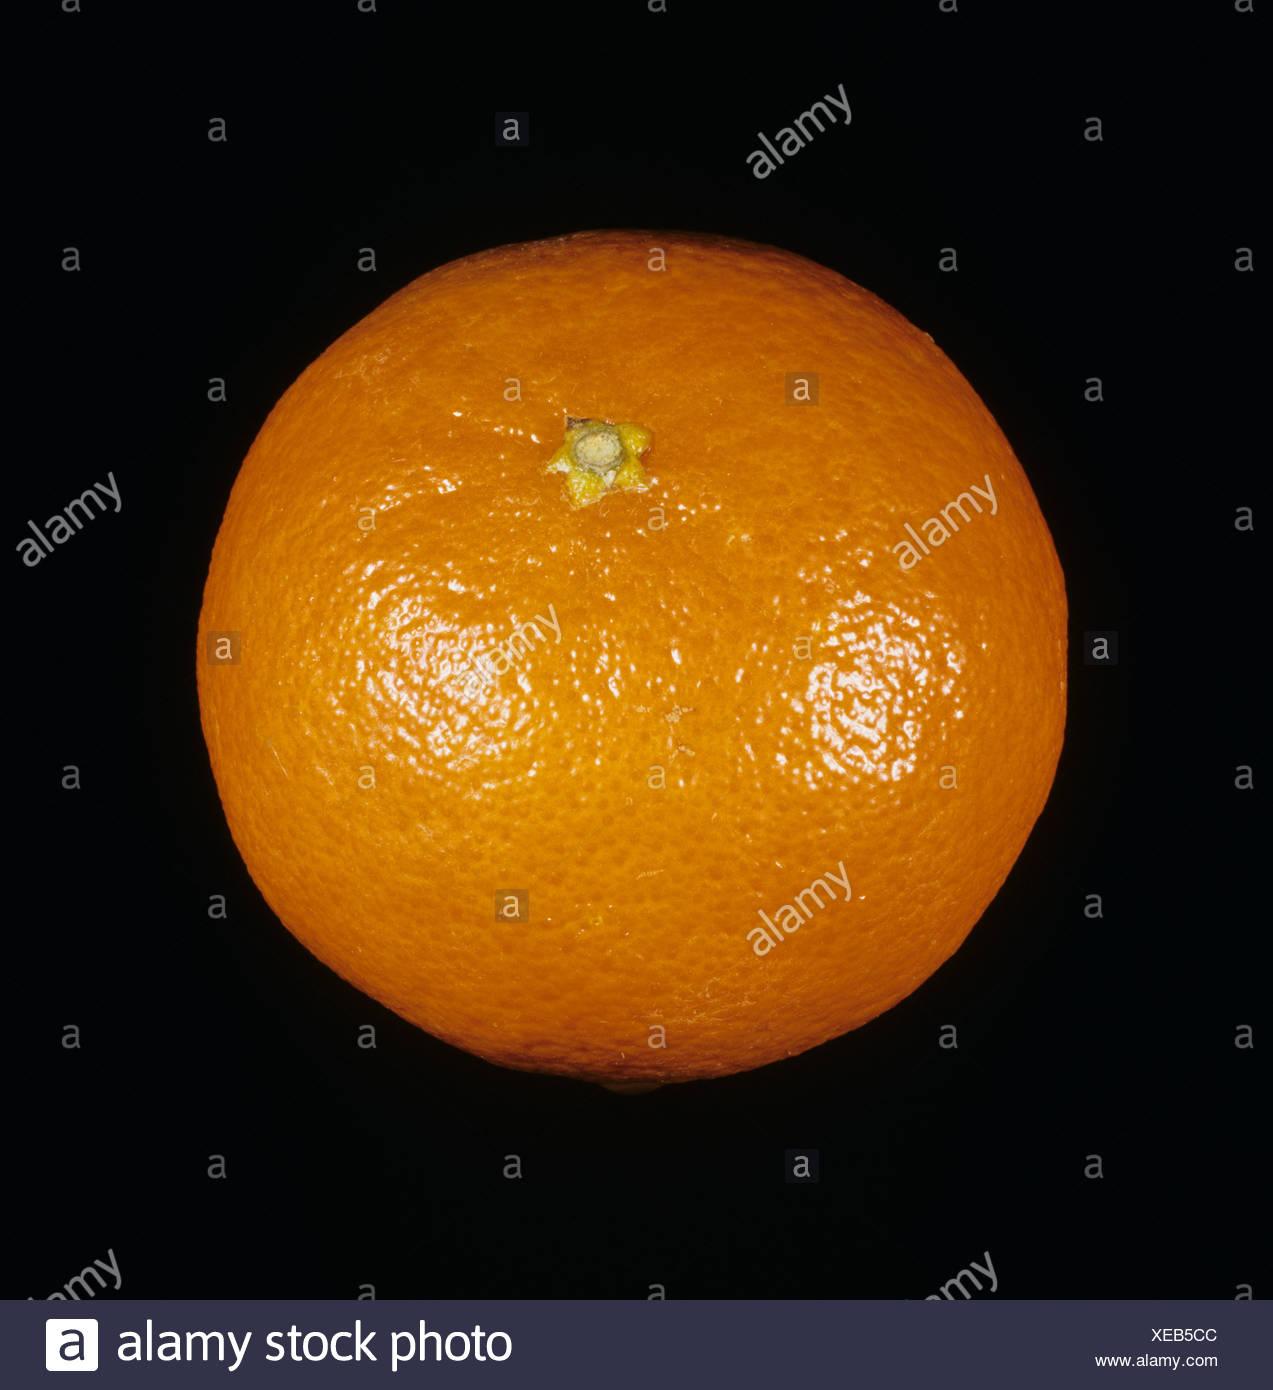 Whole mandarin fruit variety Sunburst - Stock Image